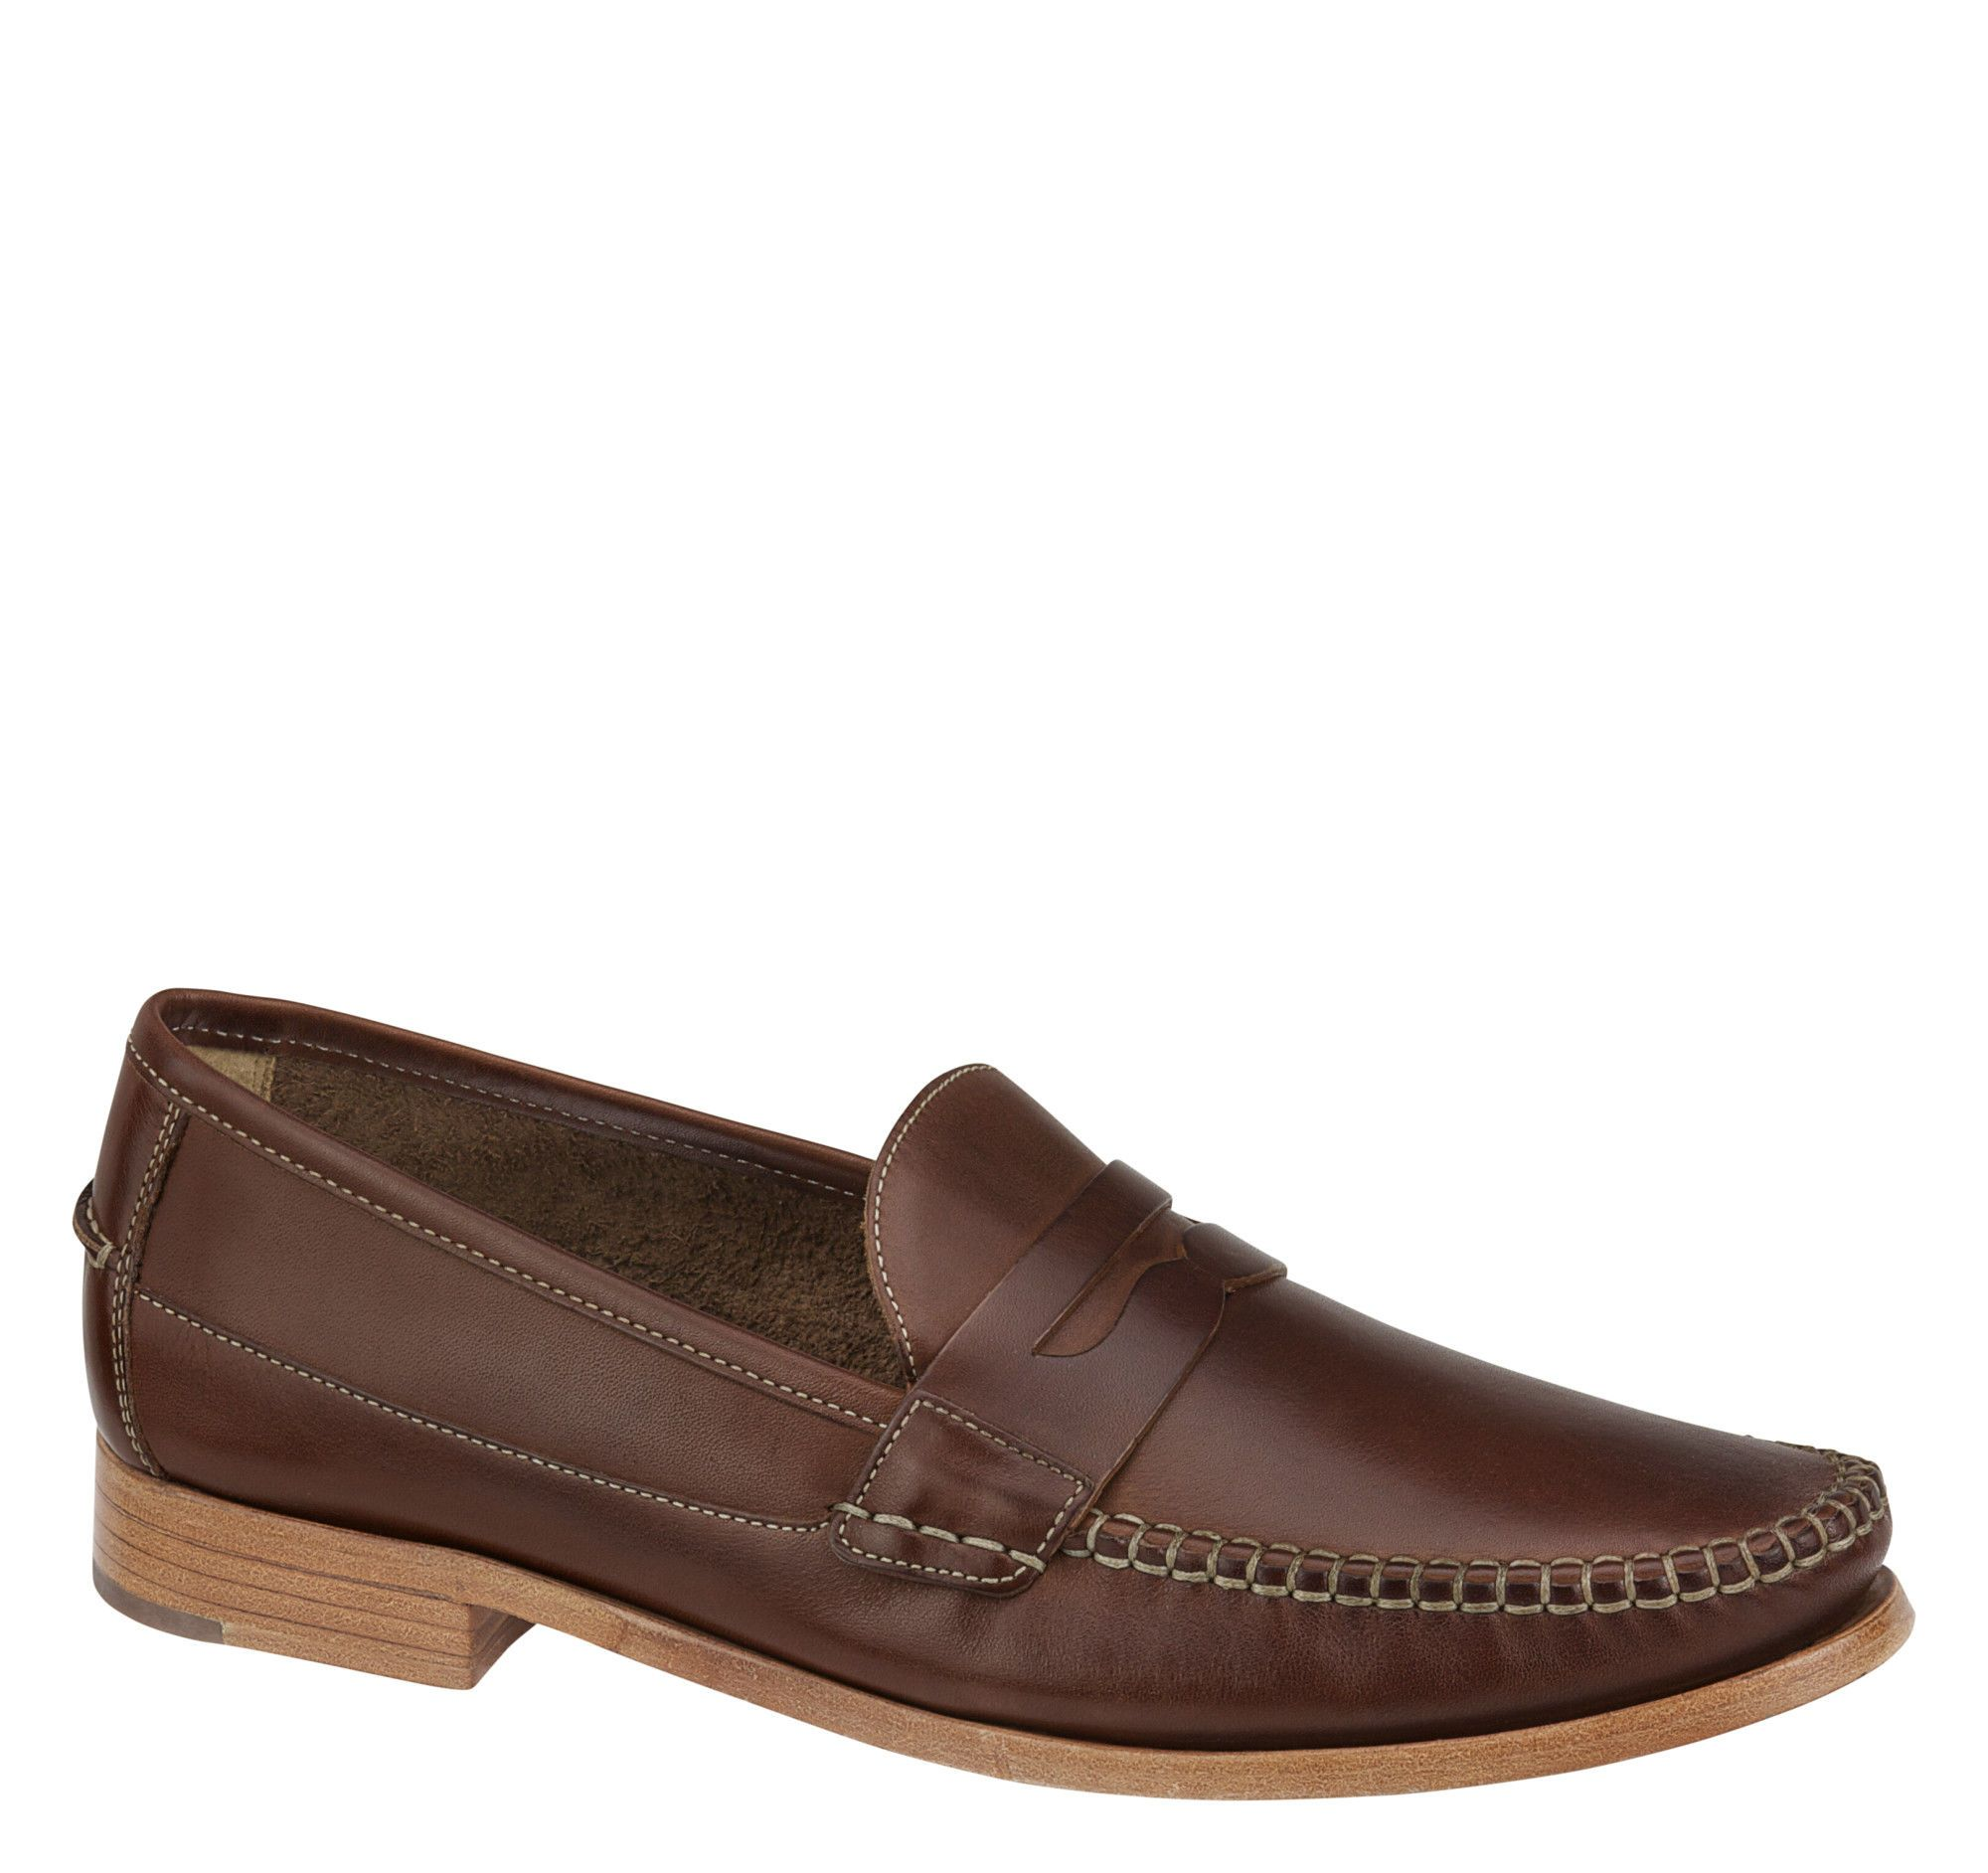 Danbury Penny - Johnston & Murphy · Men's ShoesLoafer ...